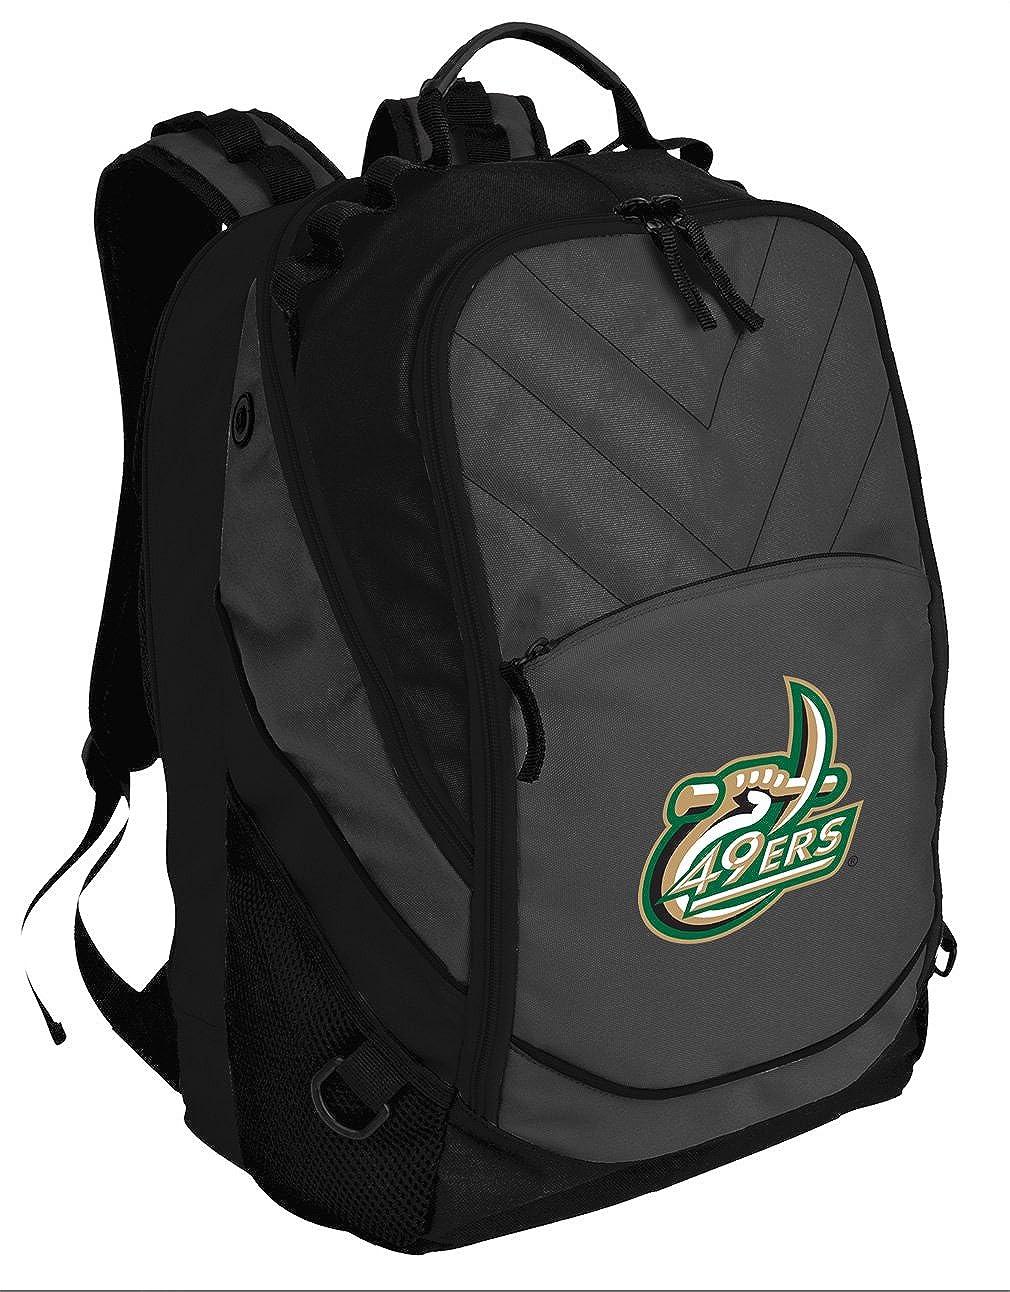 Broad Bay Best UNCC Backpack Laptop Computer Bag